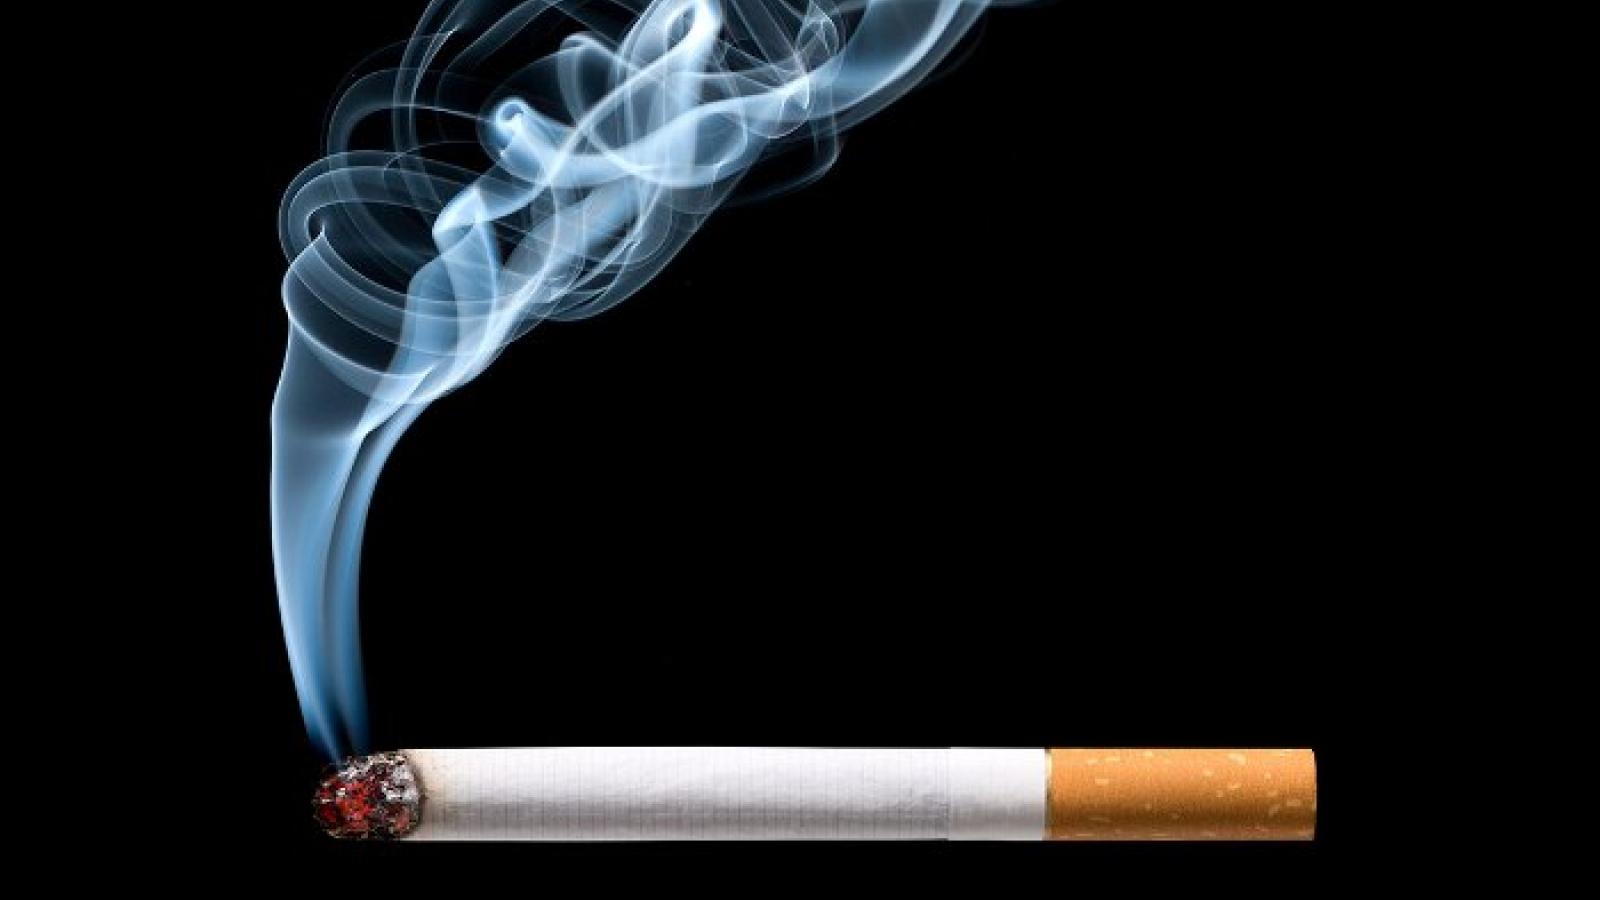 New Zealand cân nhắc việc cấm bán thuốc lá cho người sinh sau năm 2004